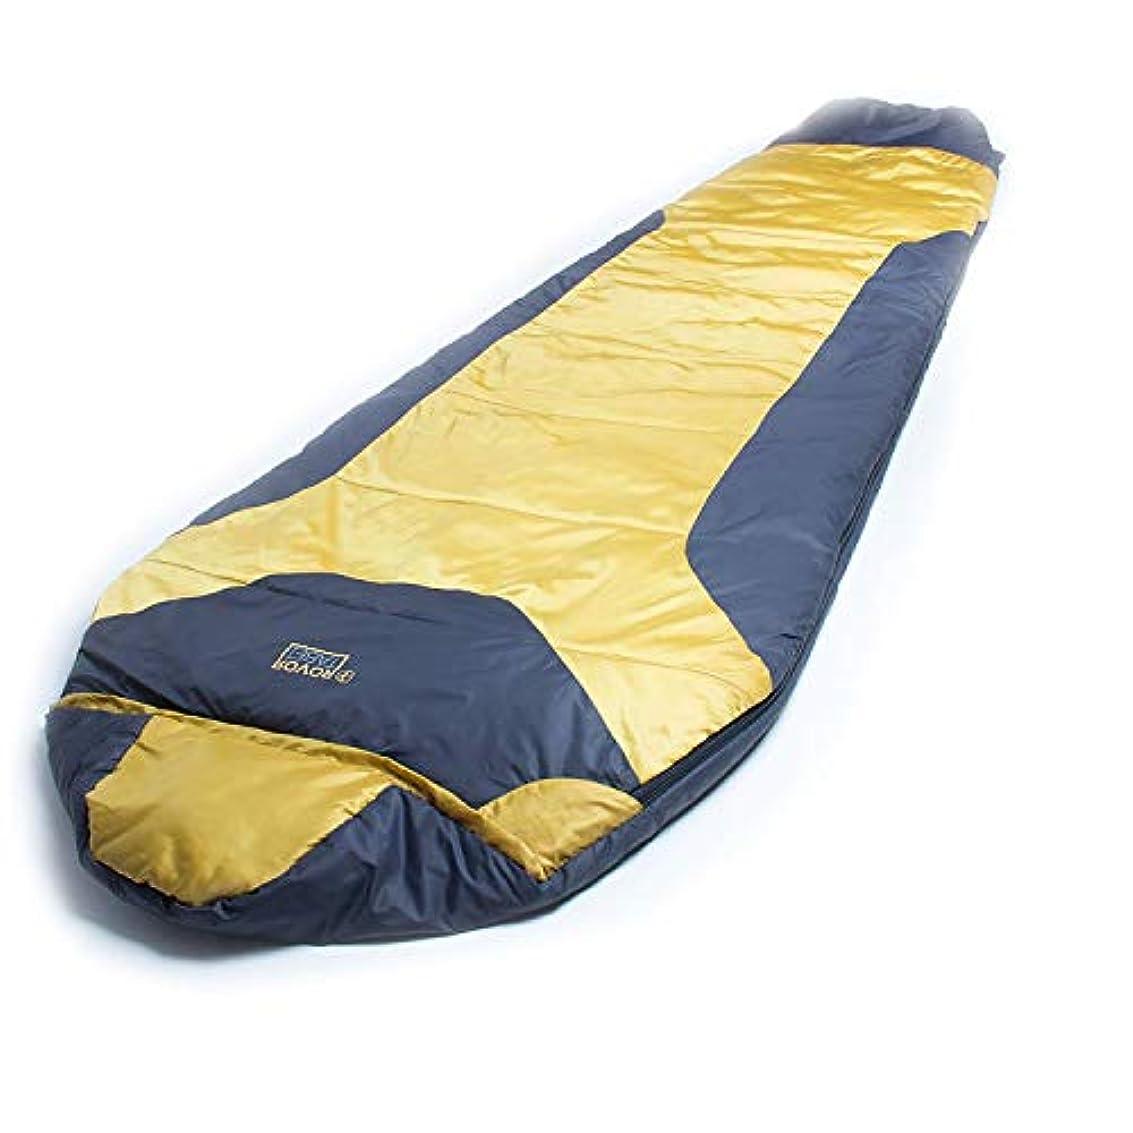 お風呂を持っている不測の事態くつろぎROVOR Tabei 52 Degree Mummy Backpacking Sleeping Bag with Included Stuff Sack | The Tabei Sleeping Bags for Adults Have a 52 Degree Comfort Rating [並行輸入品]